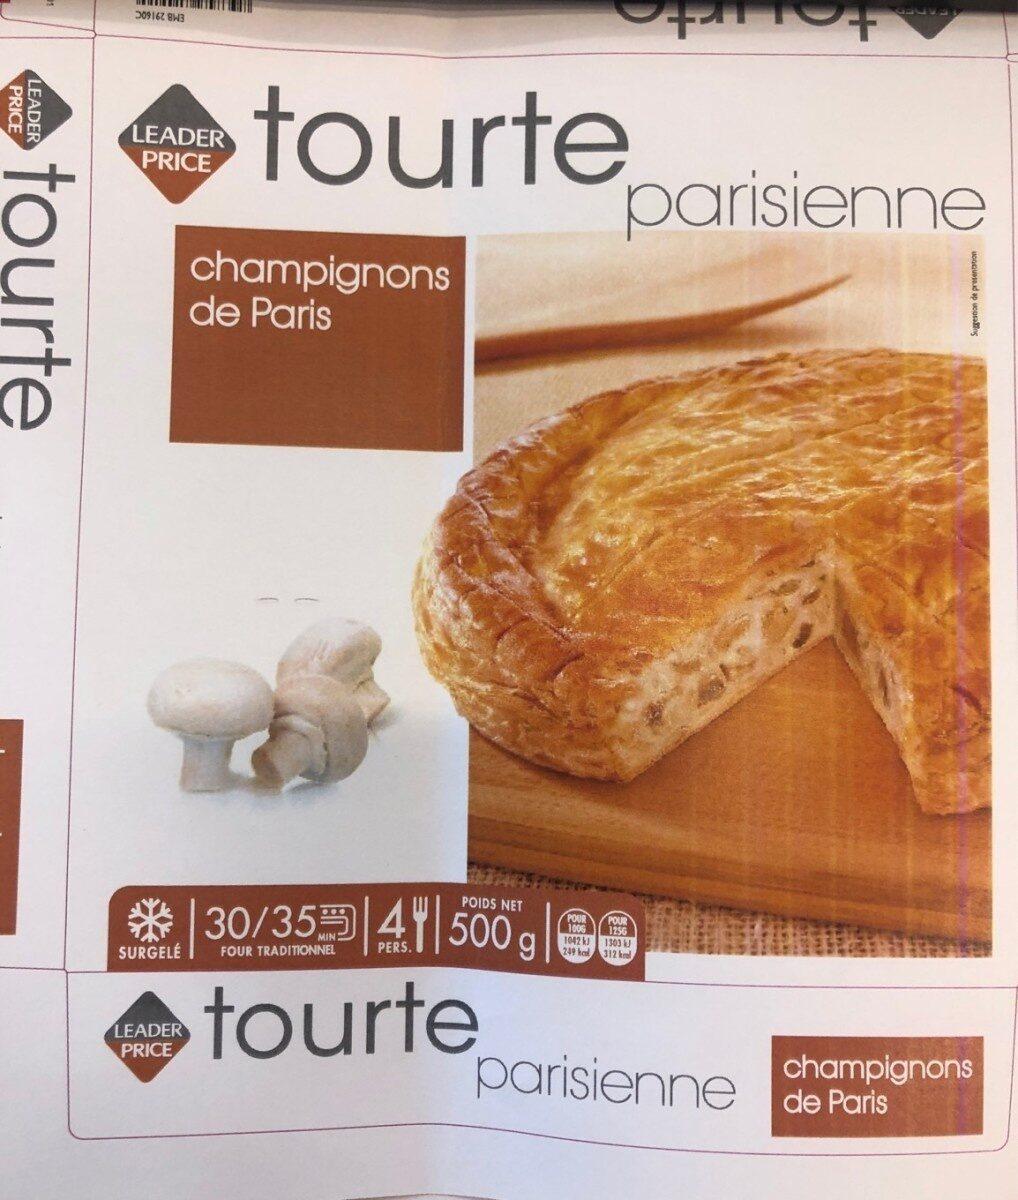 Tourte parisienne champignons de Paris - Product - fr